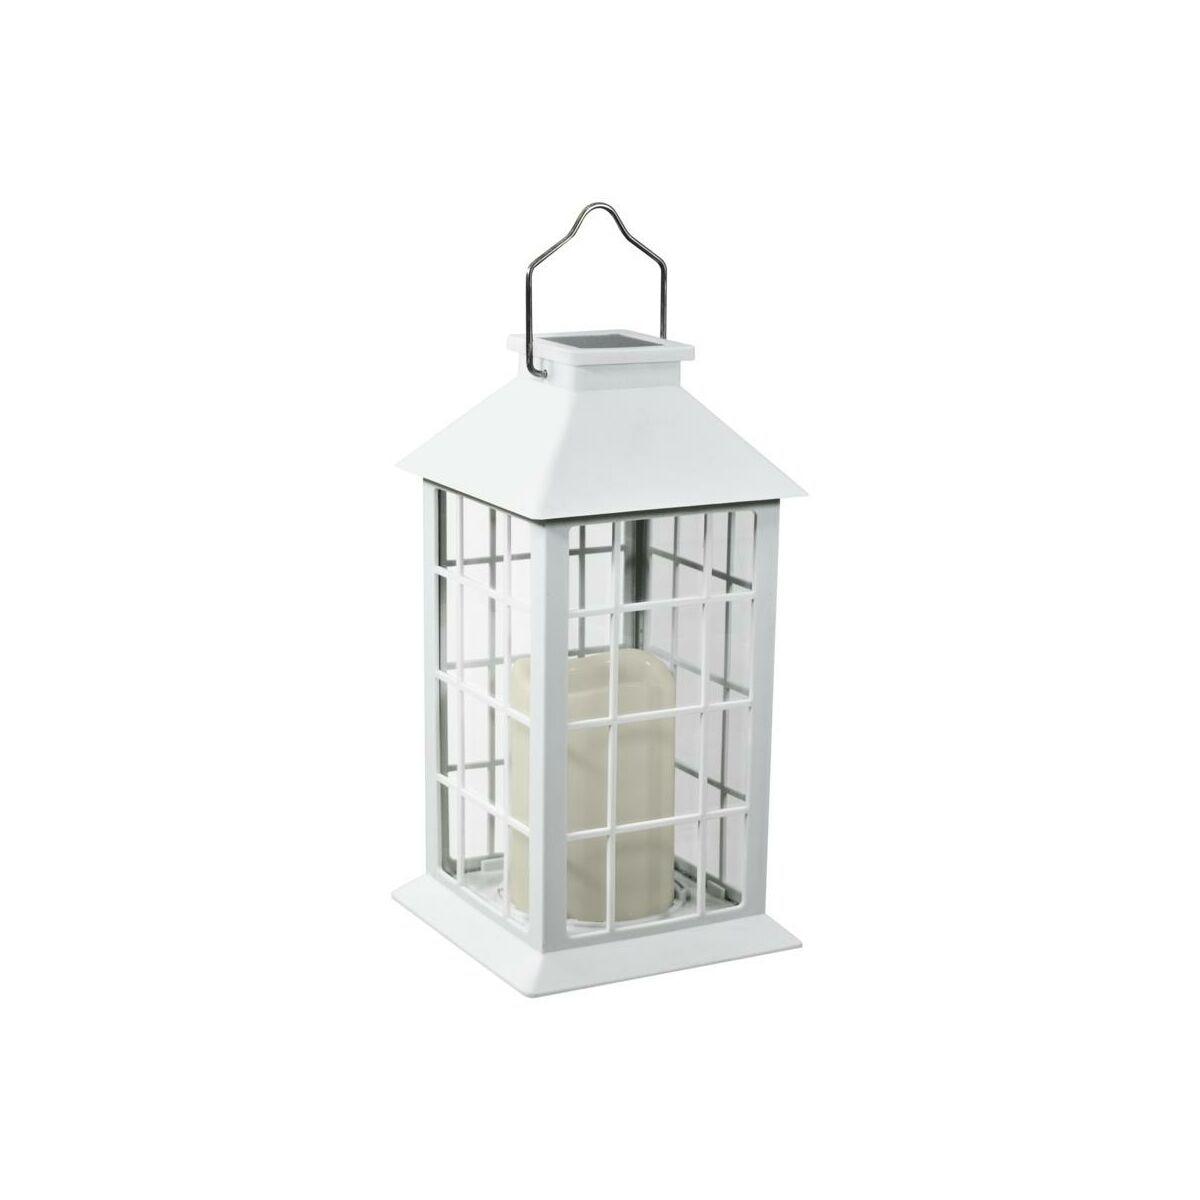 Lampa Solarna Latarenka Ip44 Biala Polux Oswietlenie Ogrodowe Solarne W Atrakcyjnej Cenie W Sklepach Leroy Merlin